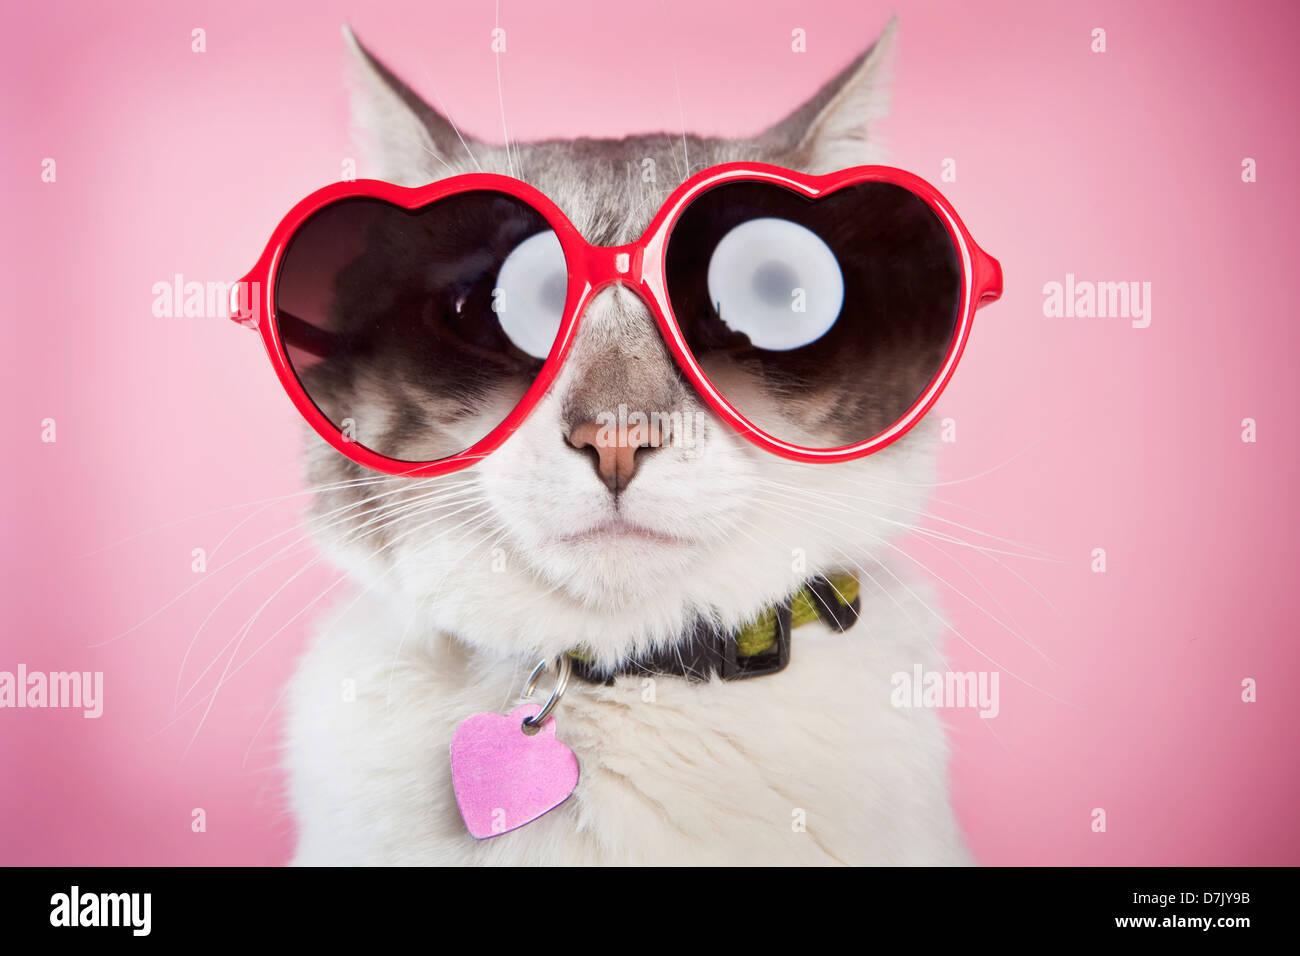 Valentine Katze posiert mit roten Liebe Sonnenbrille rosa Hintergrund Stockbild